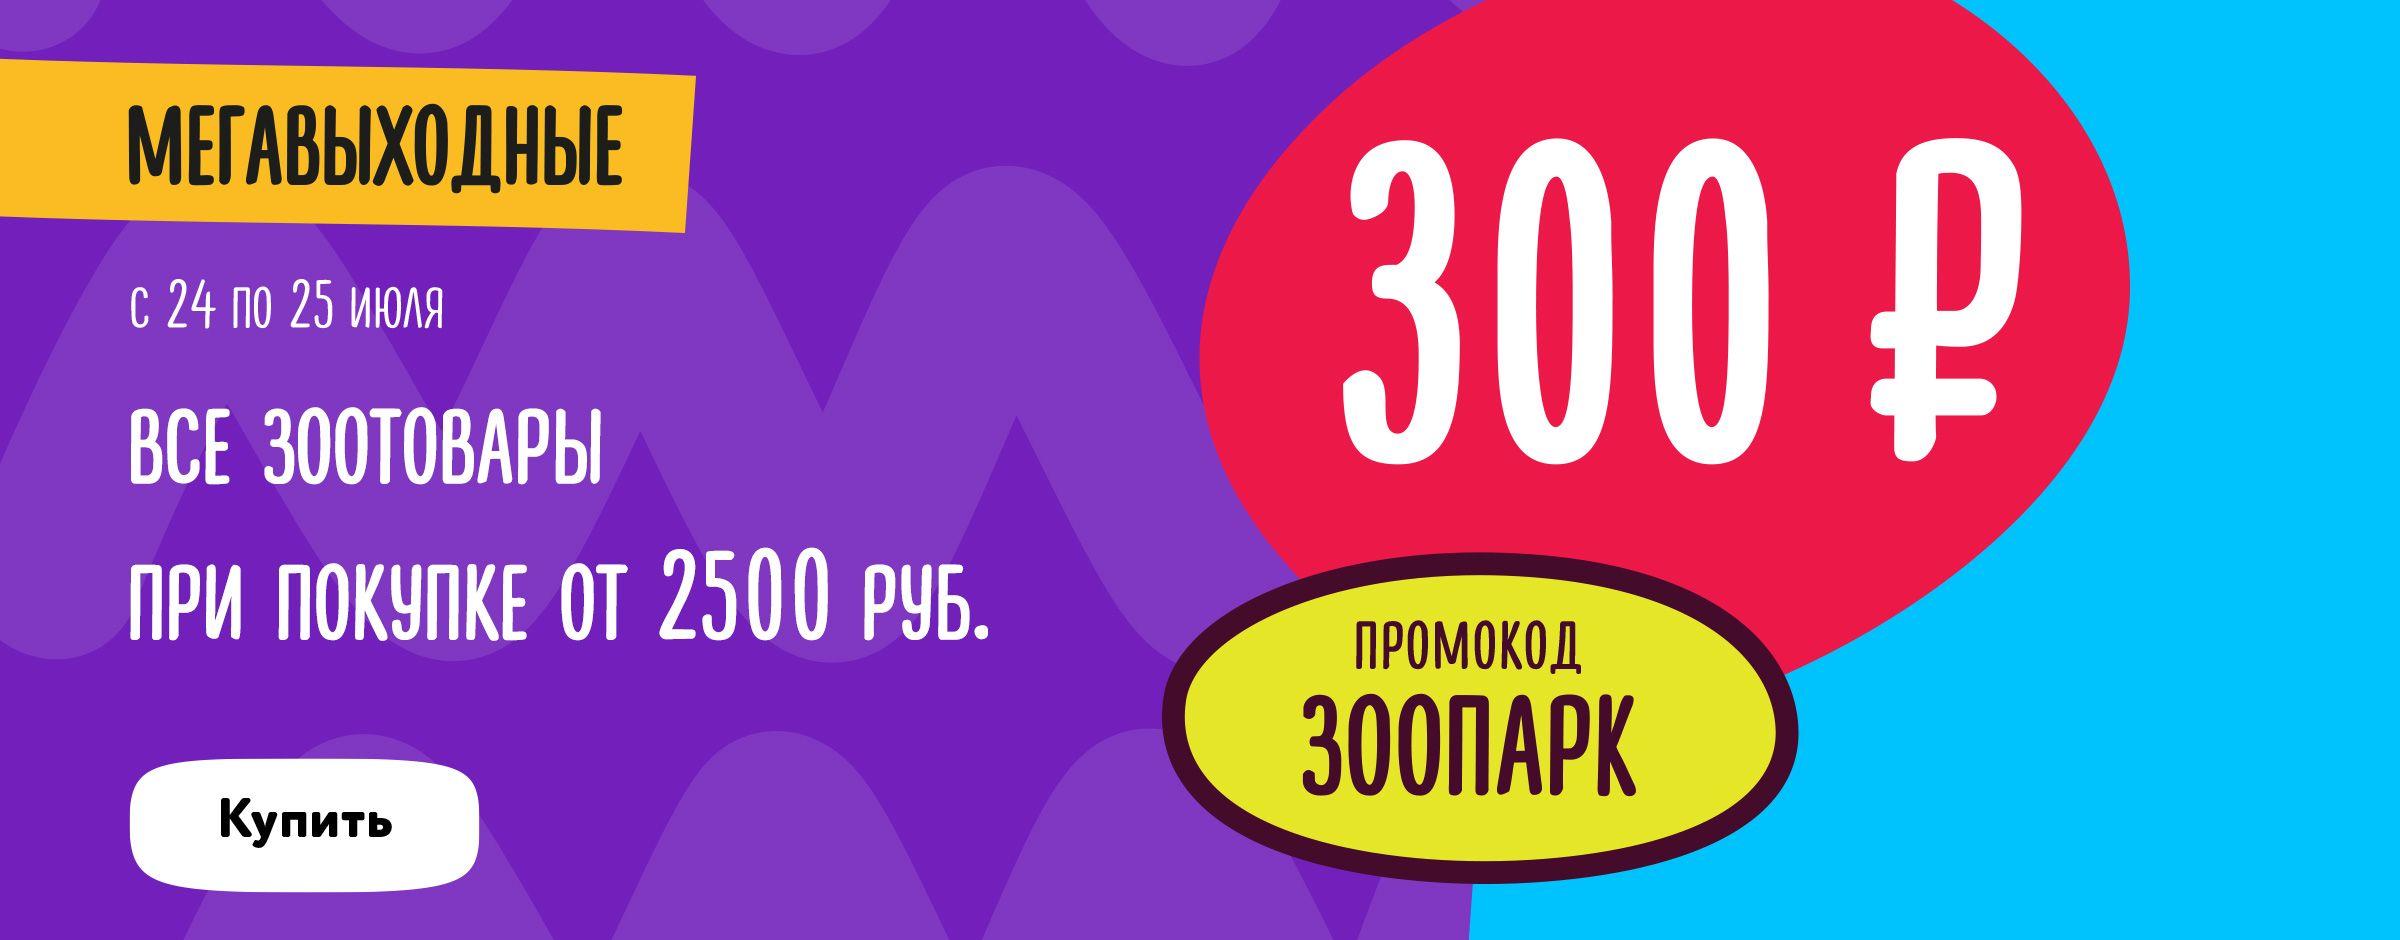 Скидка 300 руб. на все зоотовары при покупке от 2500 руб. по промокоду ЗООПАРК